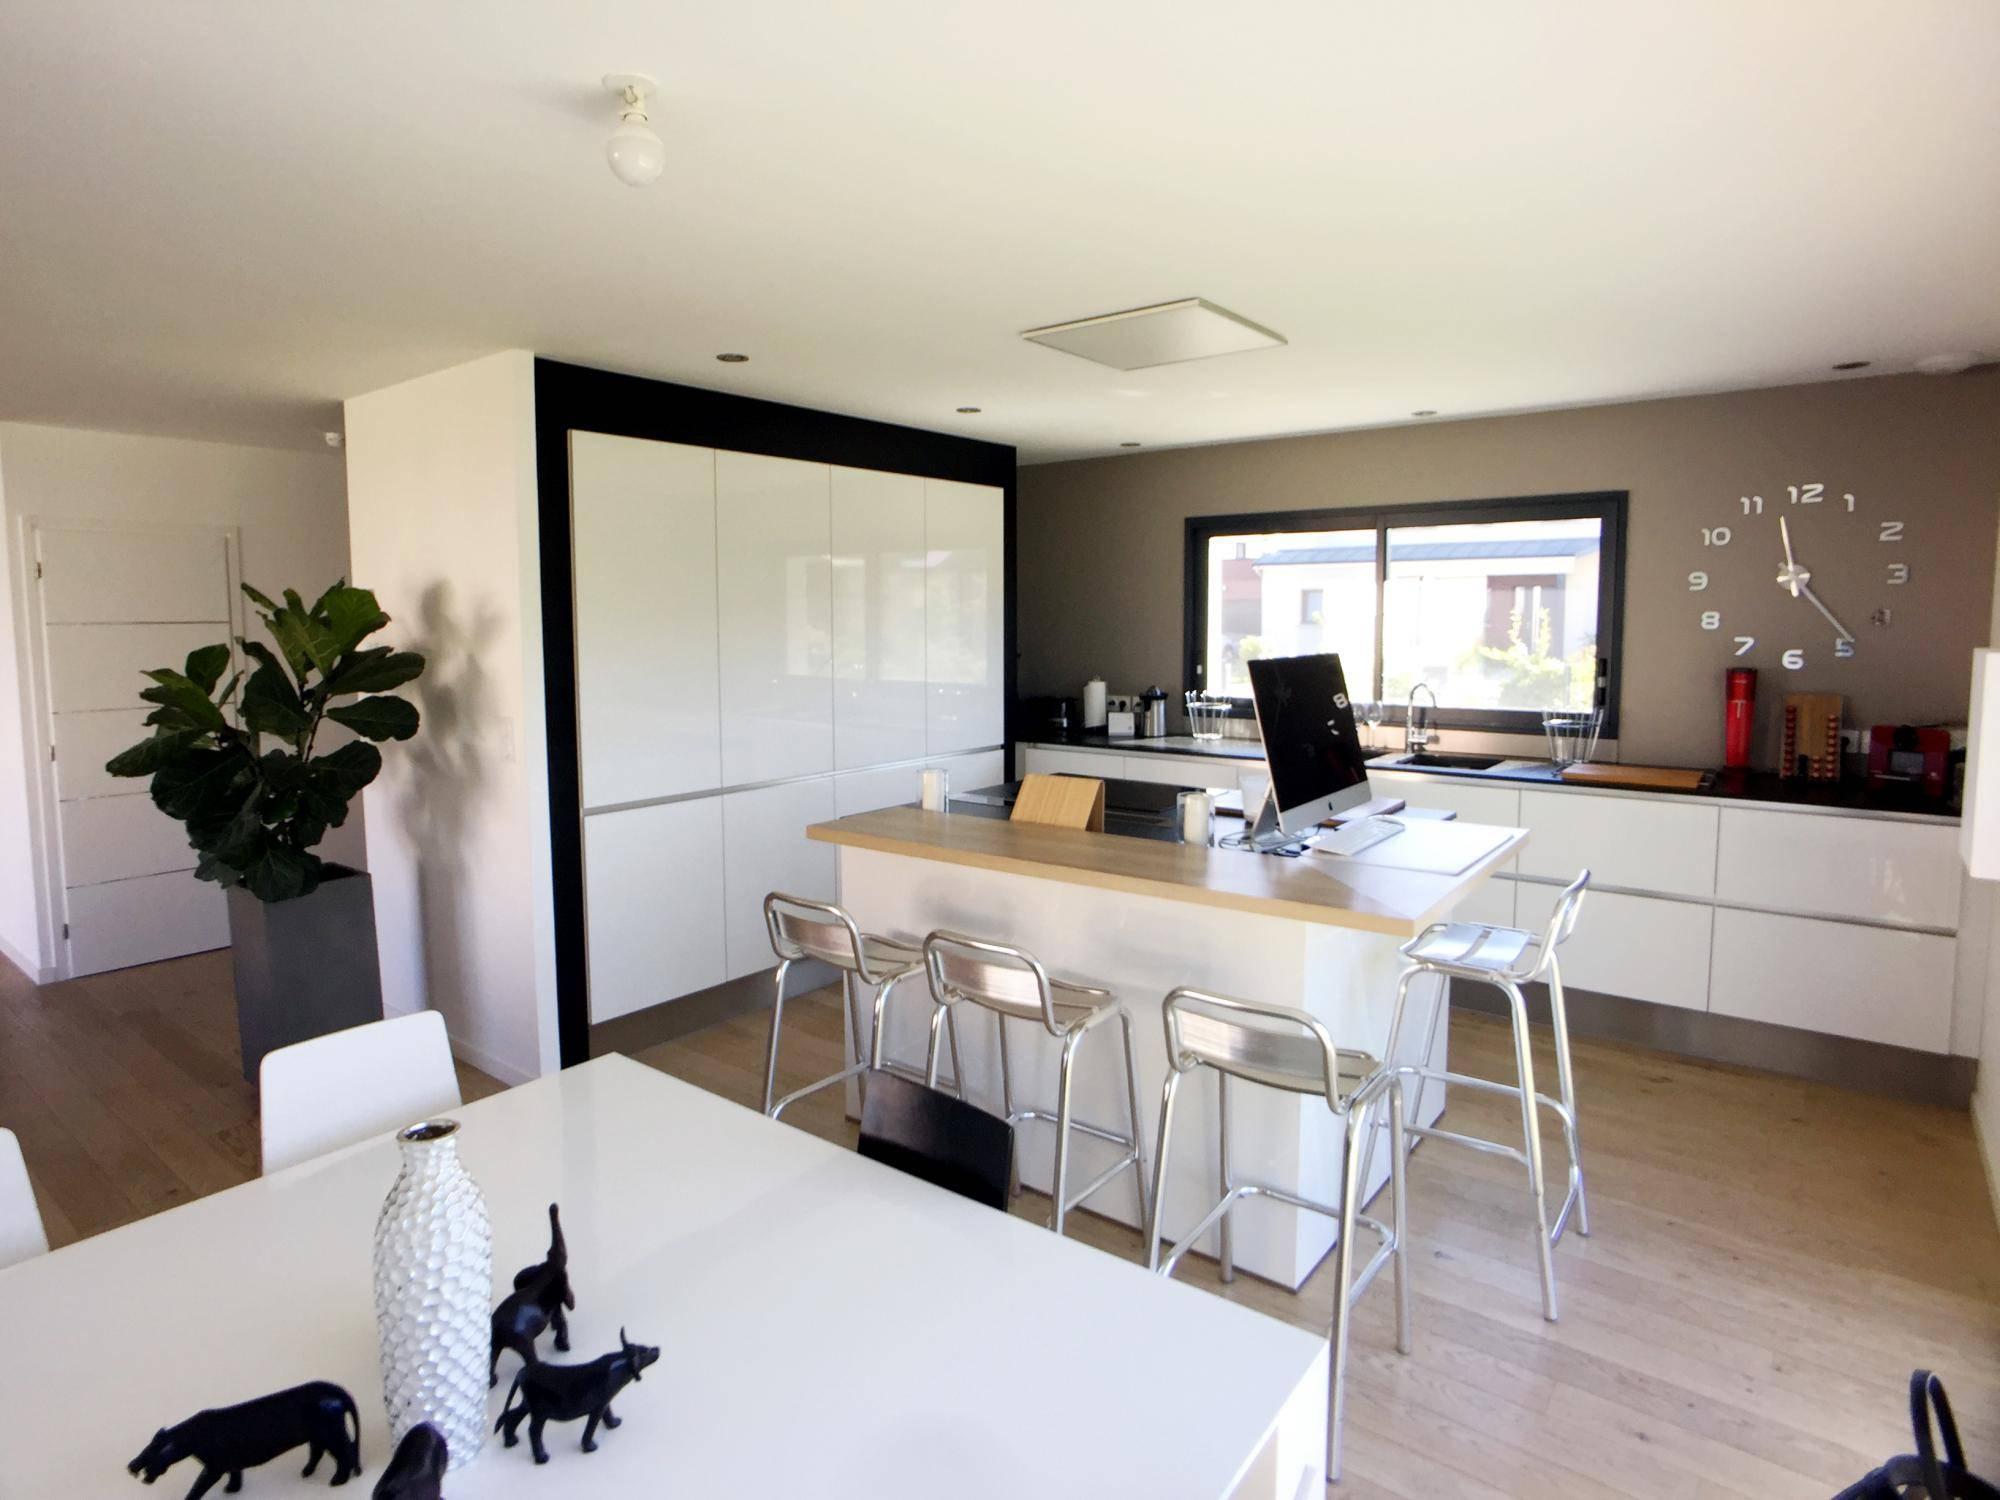 A Vendre En Exclusivite Une Grande Maison Contemporaine T7 F7 6 Chambres Situee A Isneauville 76230 Monceau Immobilier